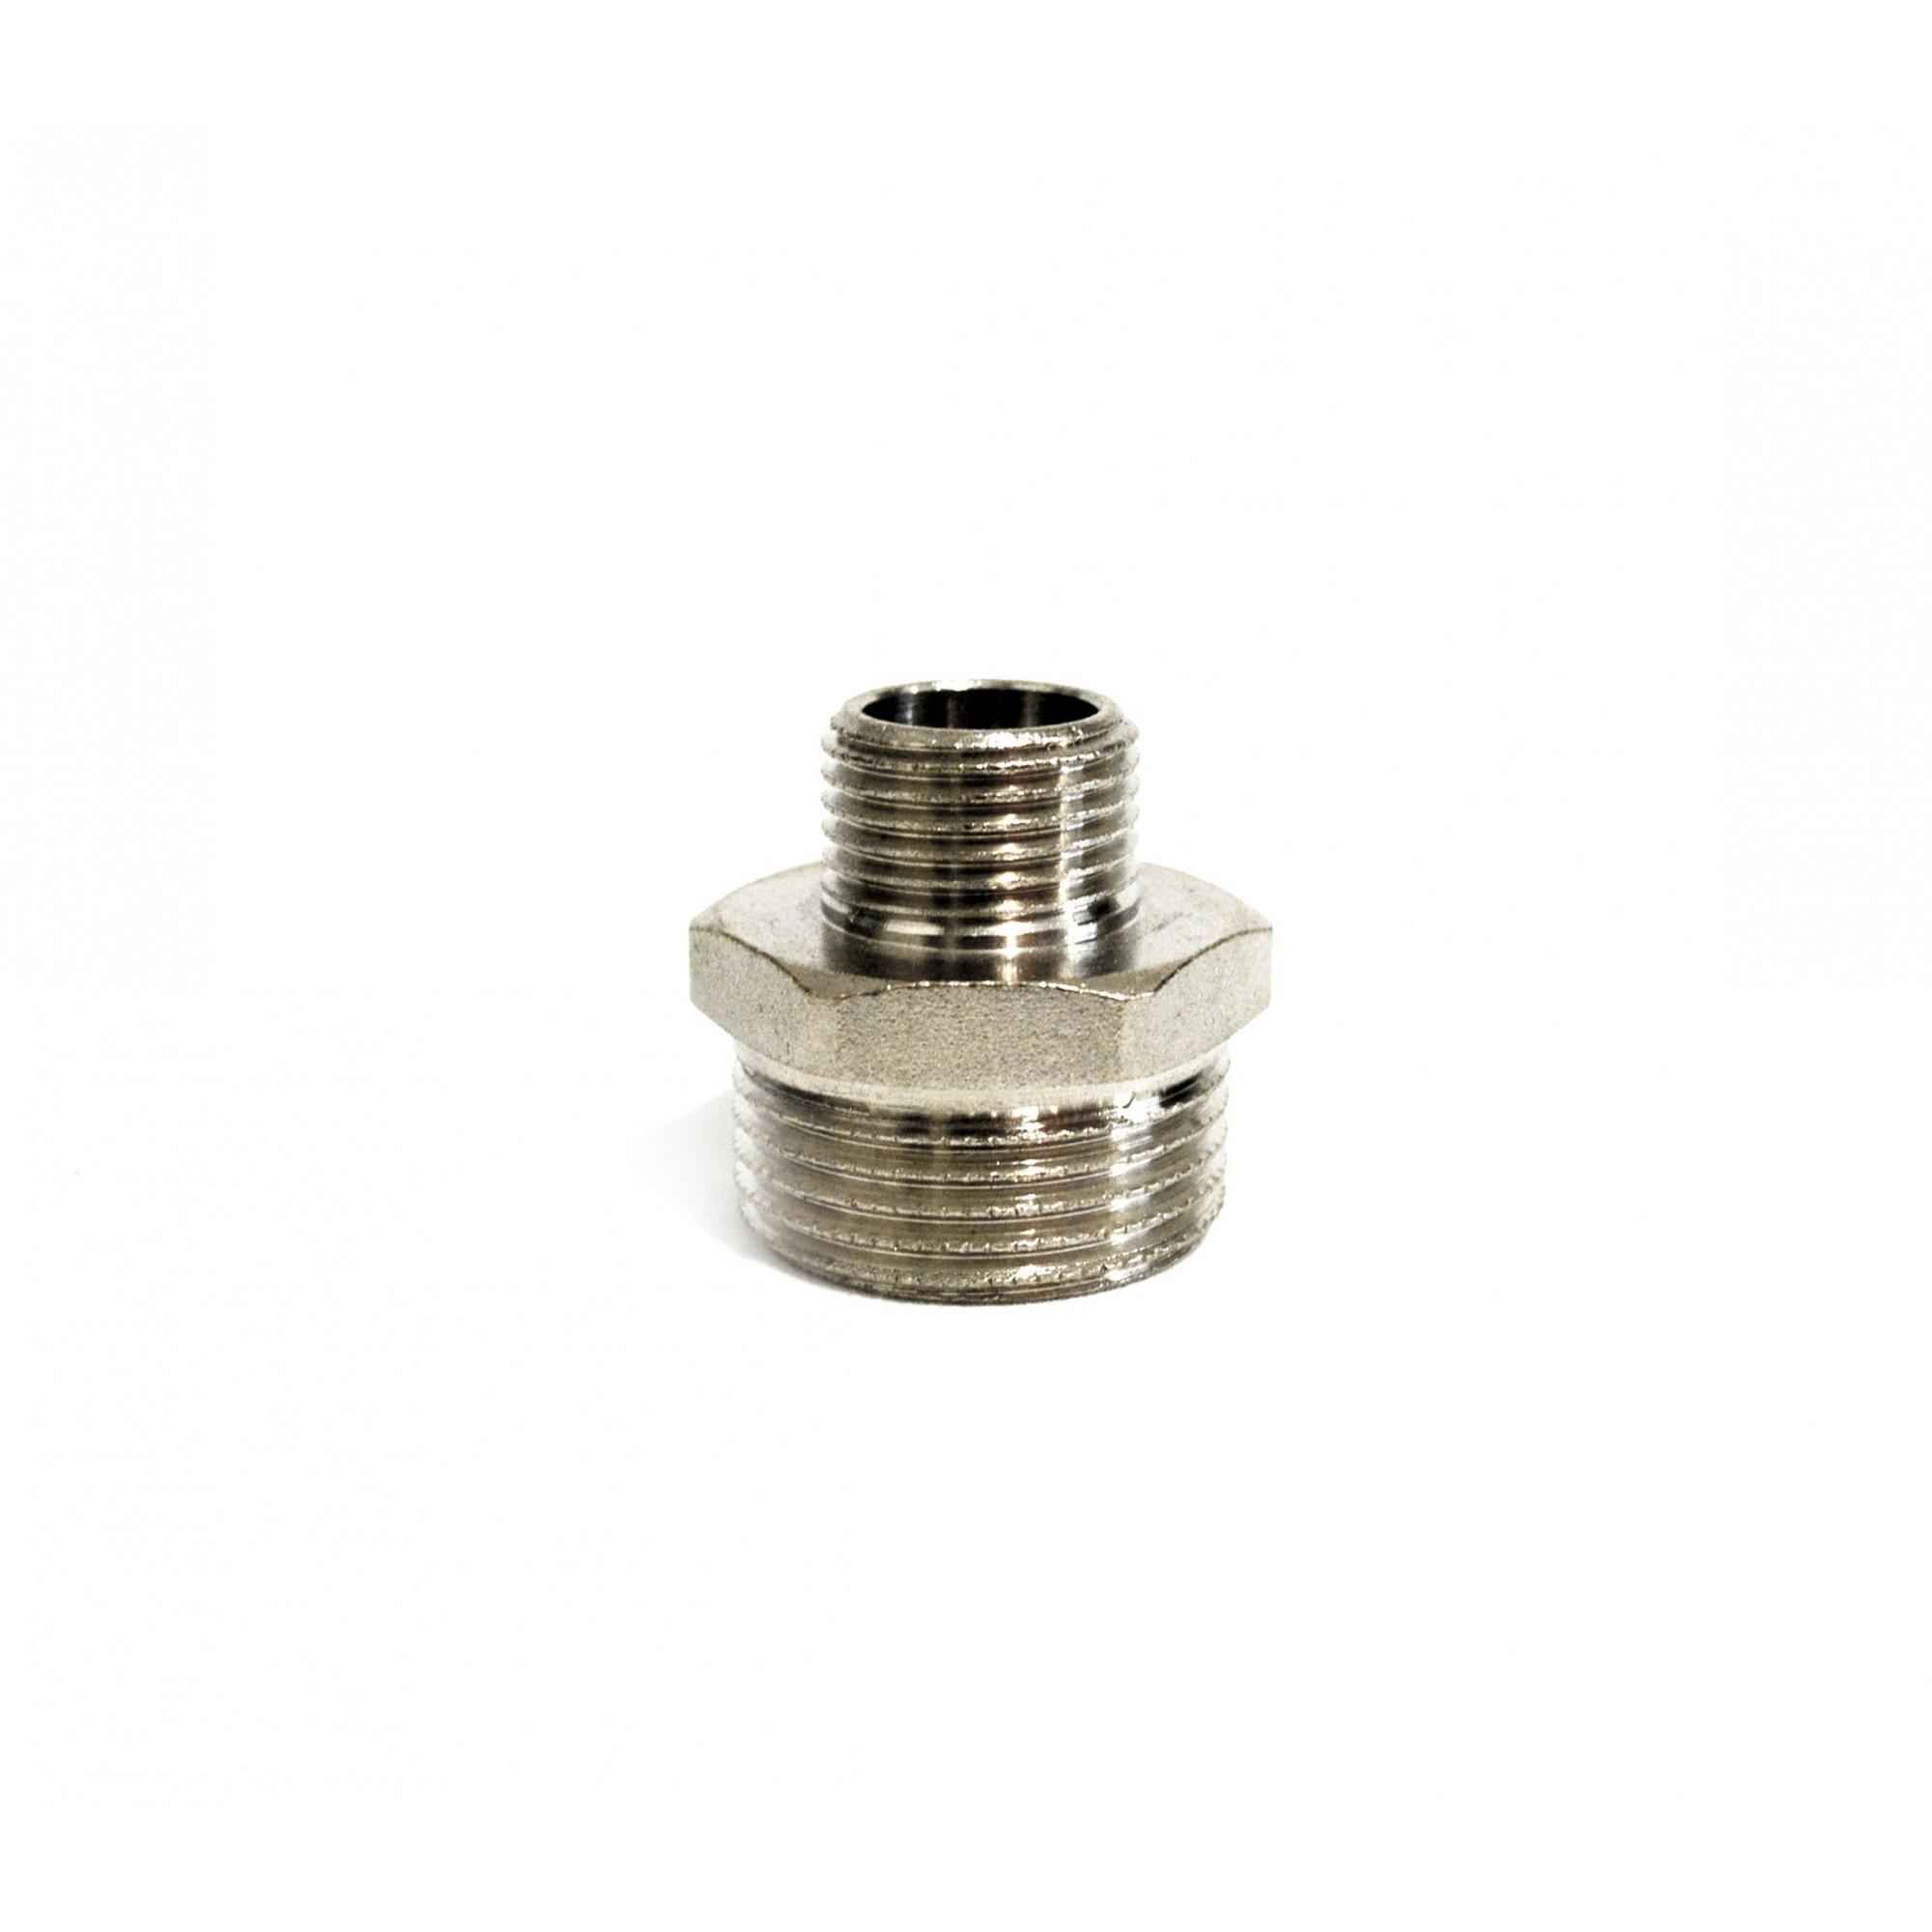 Ниппель 1/2н*1н никелированный ANGO ANGO - 1